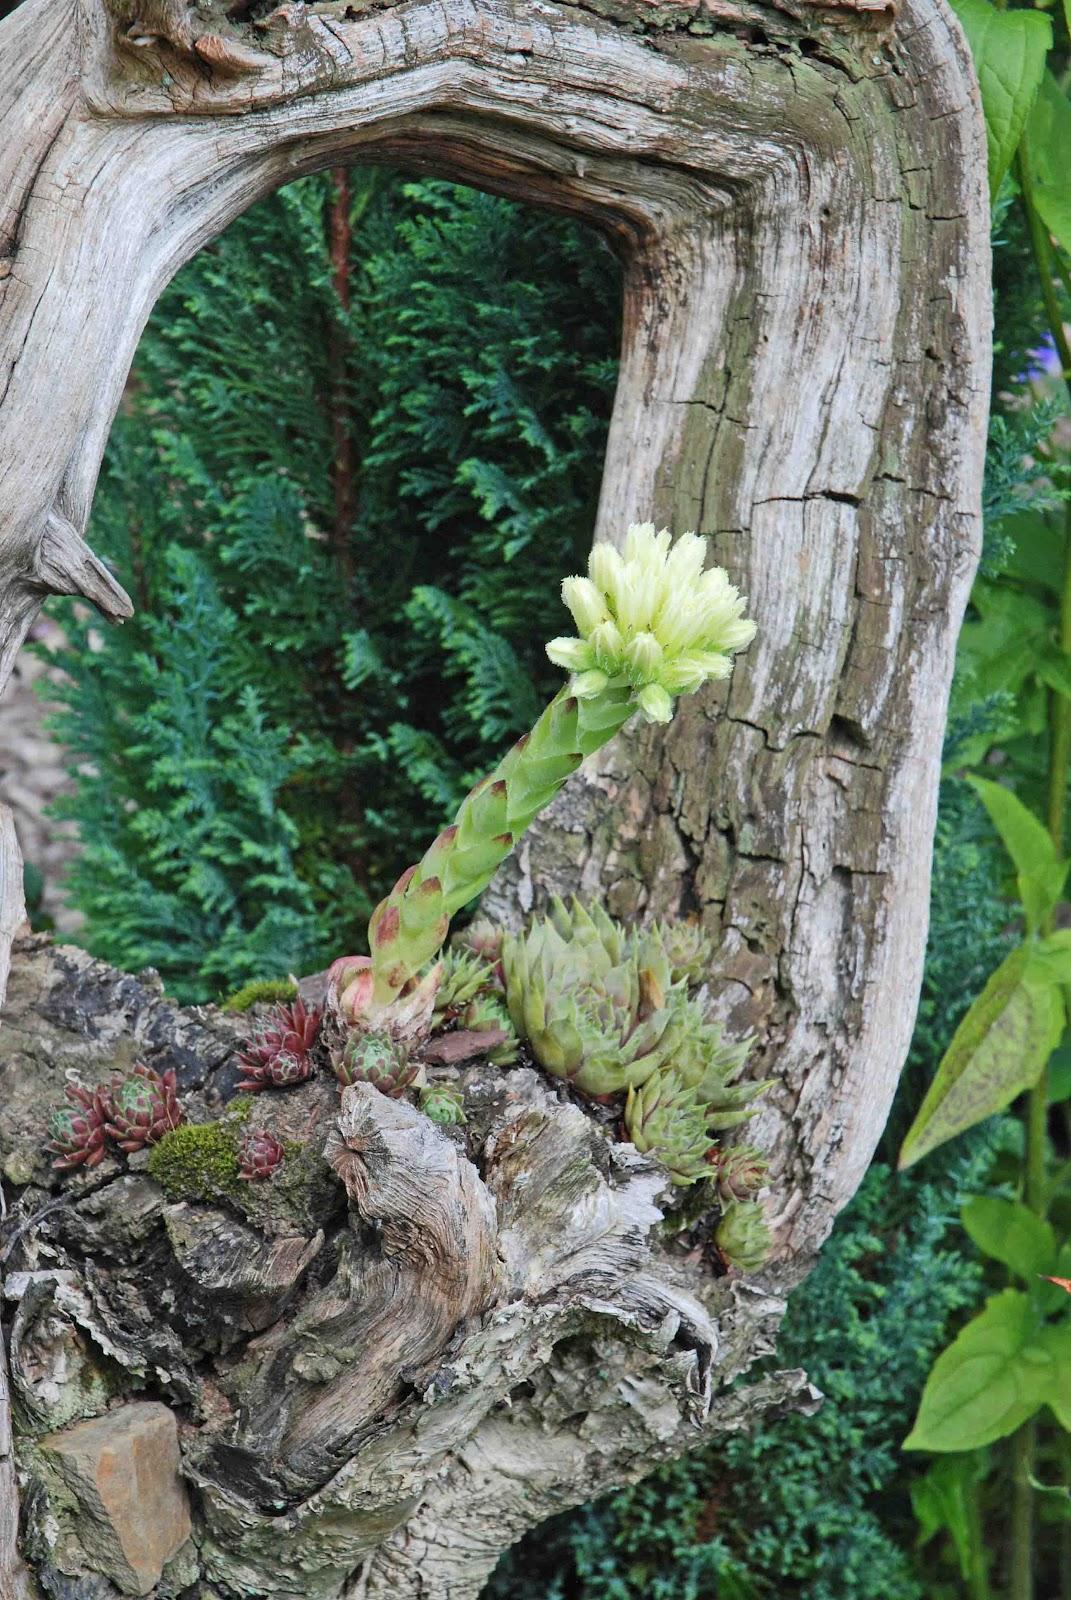 Gartendekoration Aus Altem Holz Rheumricom . Gartendekoration Aus Altem Holz  ...